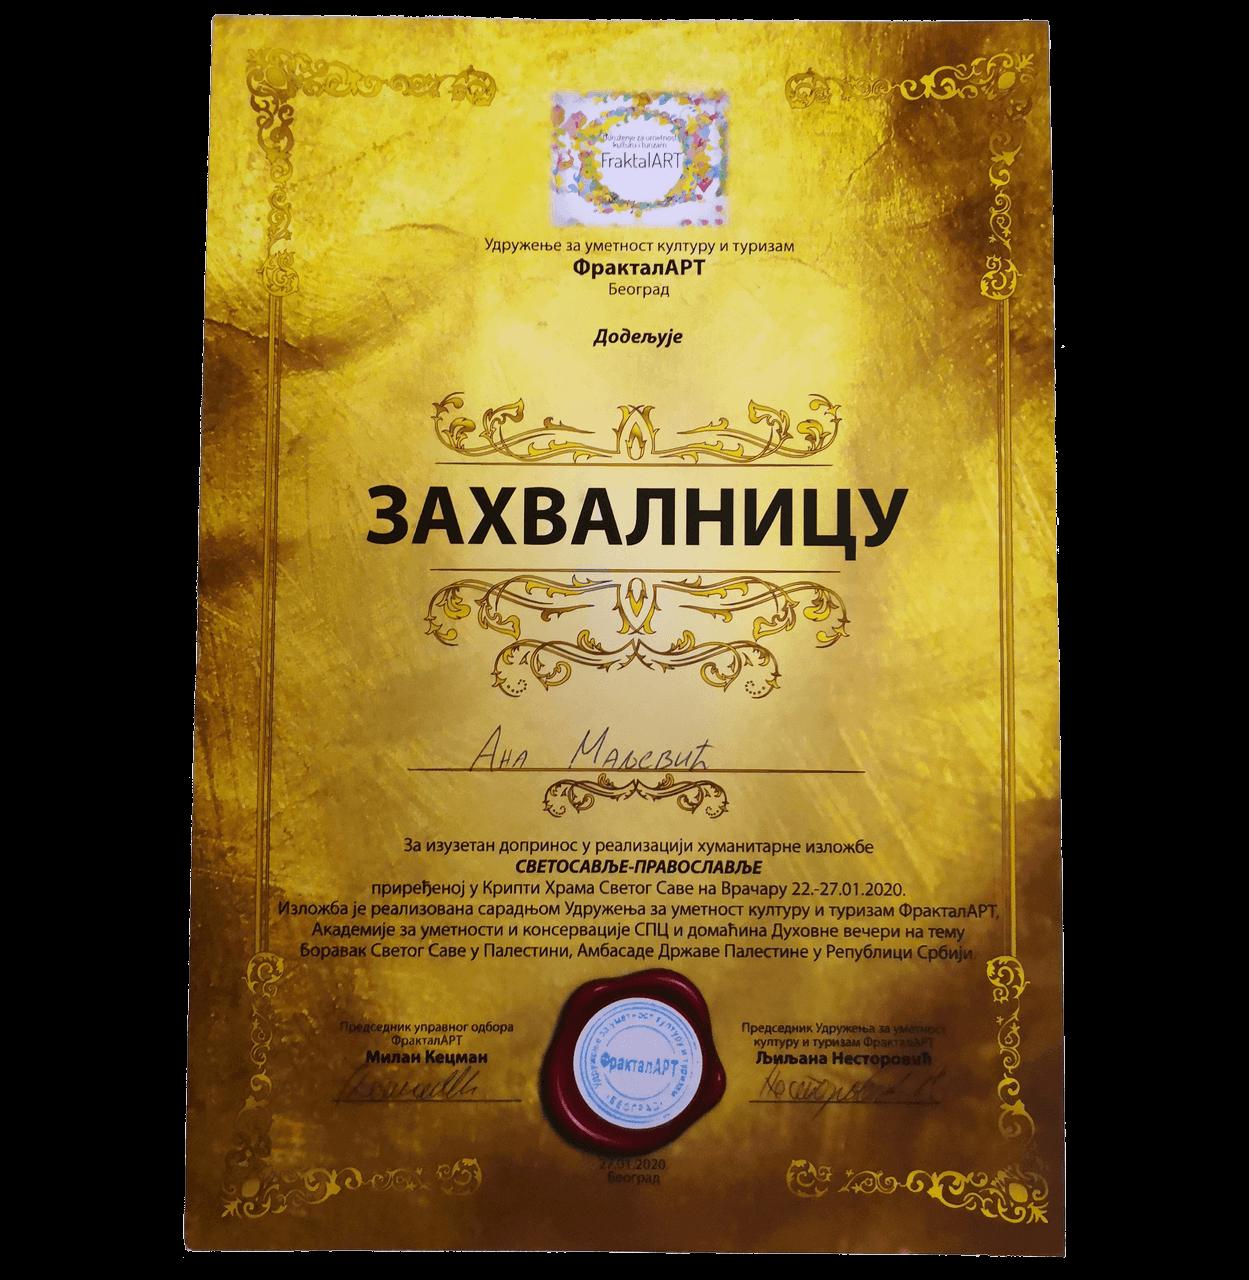 Ana Maljevic - Ikone sa blagoslovom Crkve - Zahvalnica - Izložba Svetosavlje Pravoslavlje